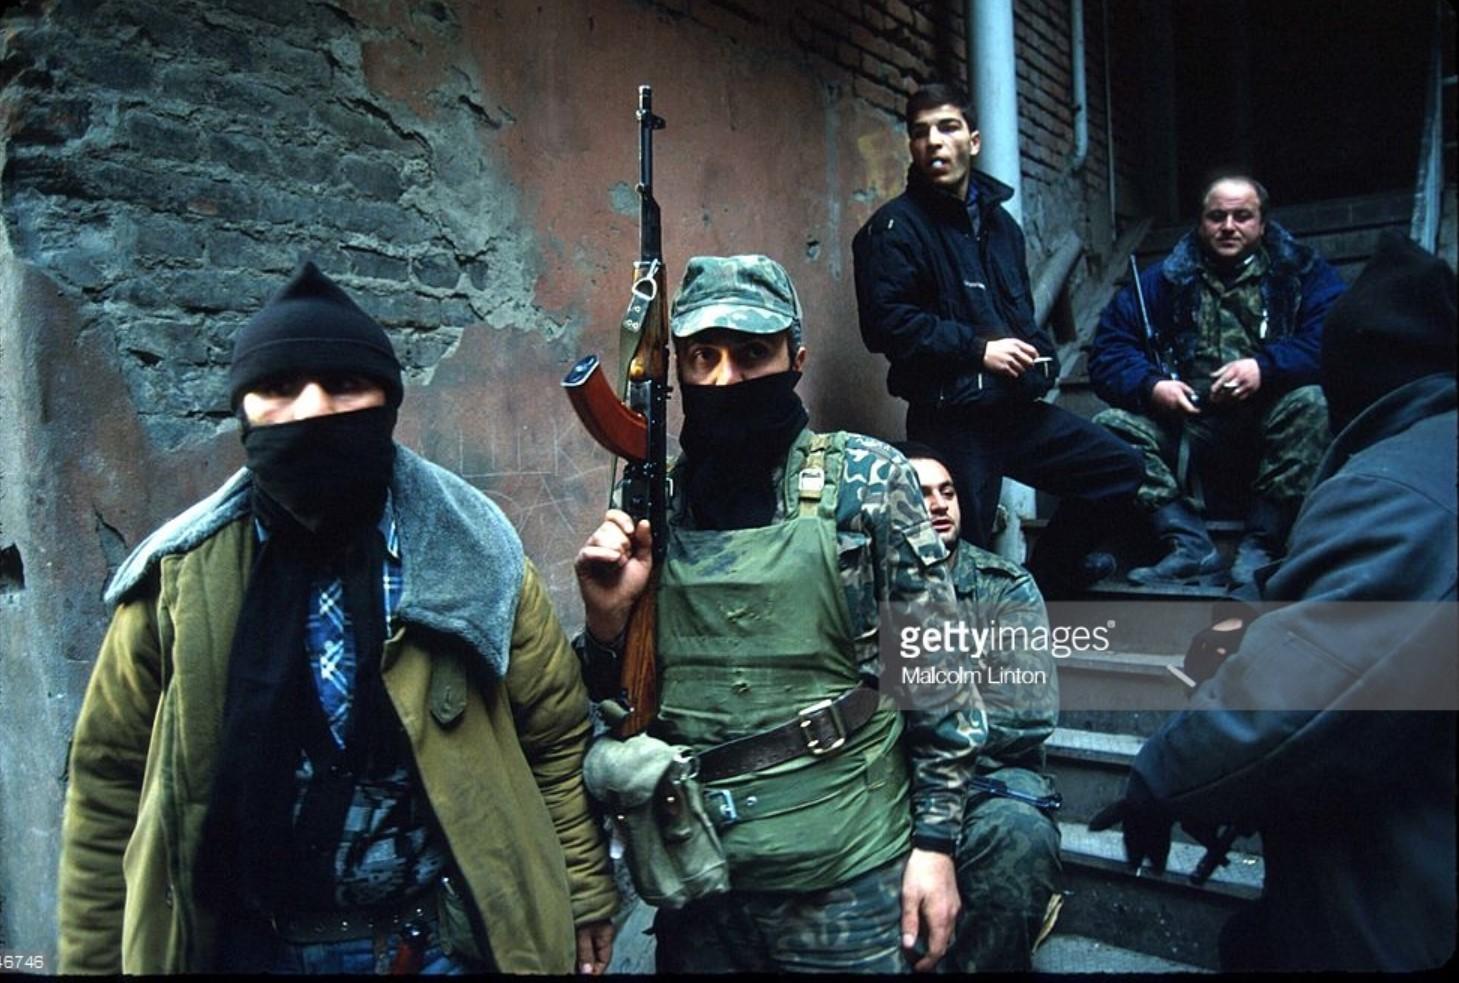 1991. 25 декабря. Тбилиси. Бойцы оппозиции спускаются по лестнице